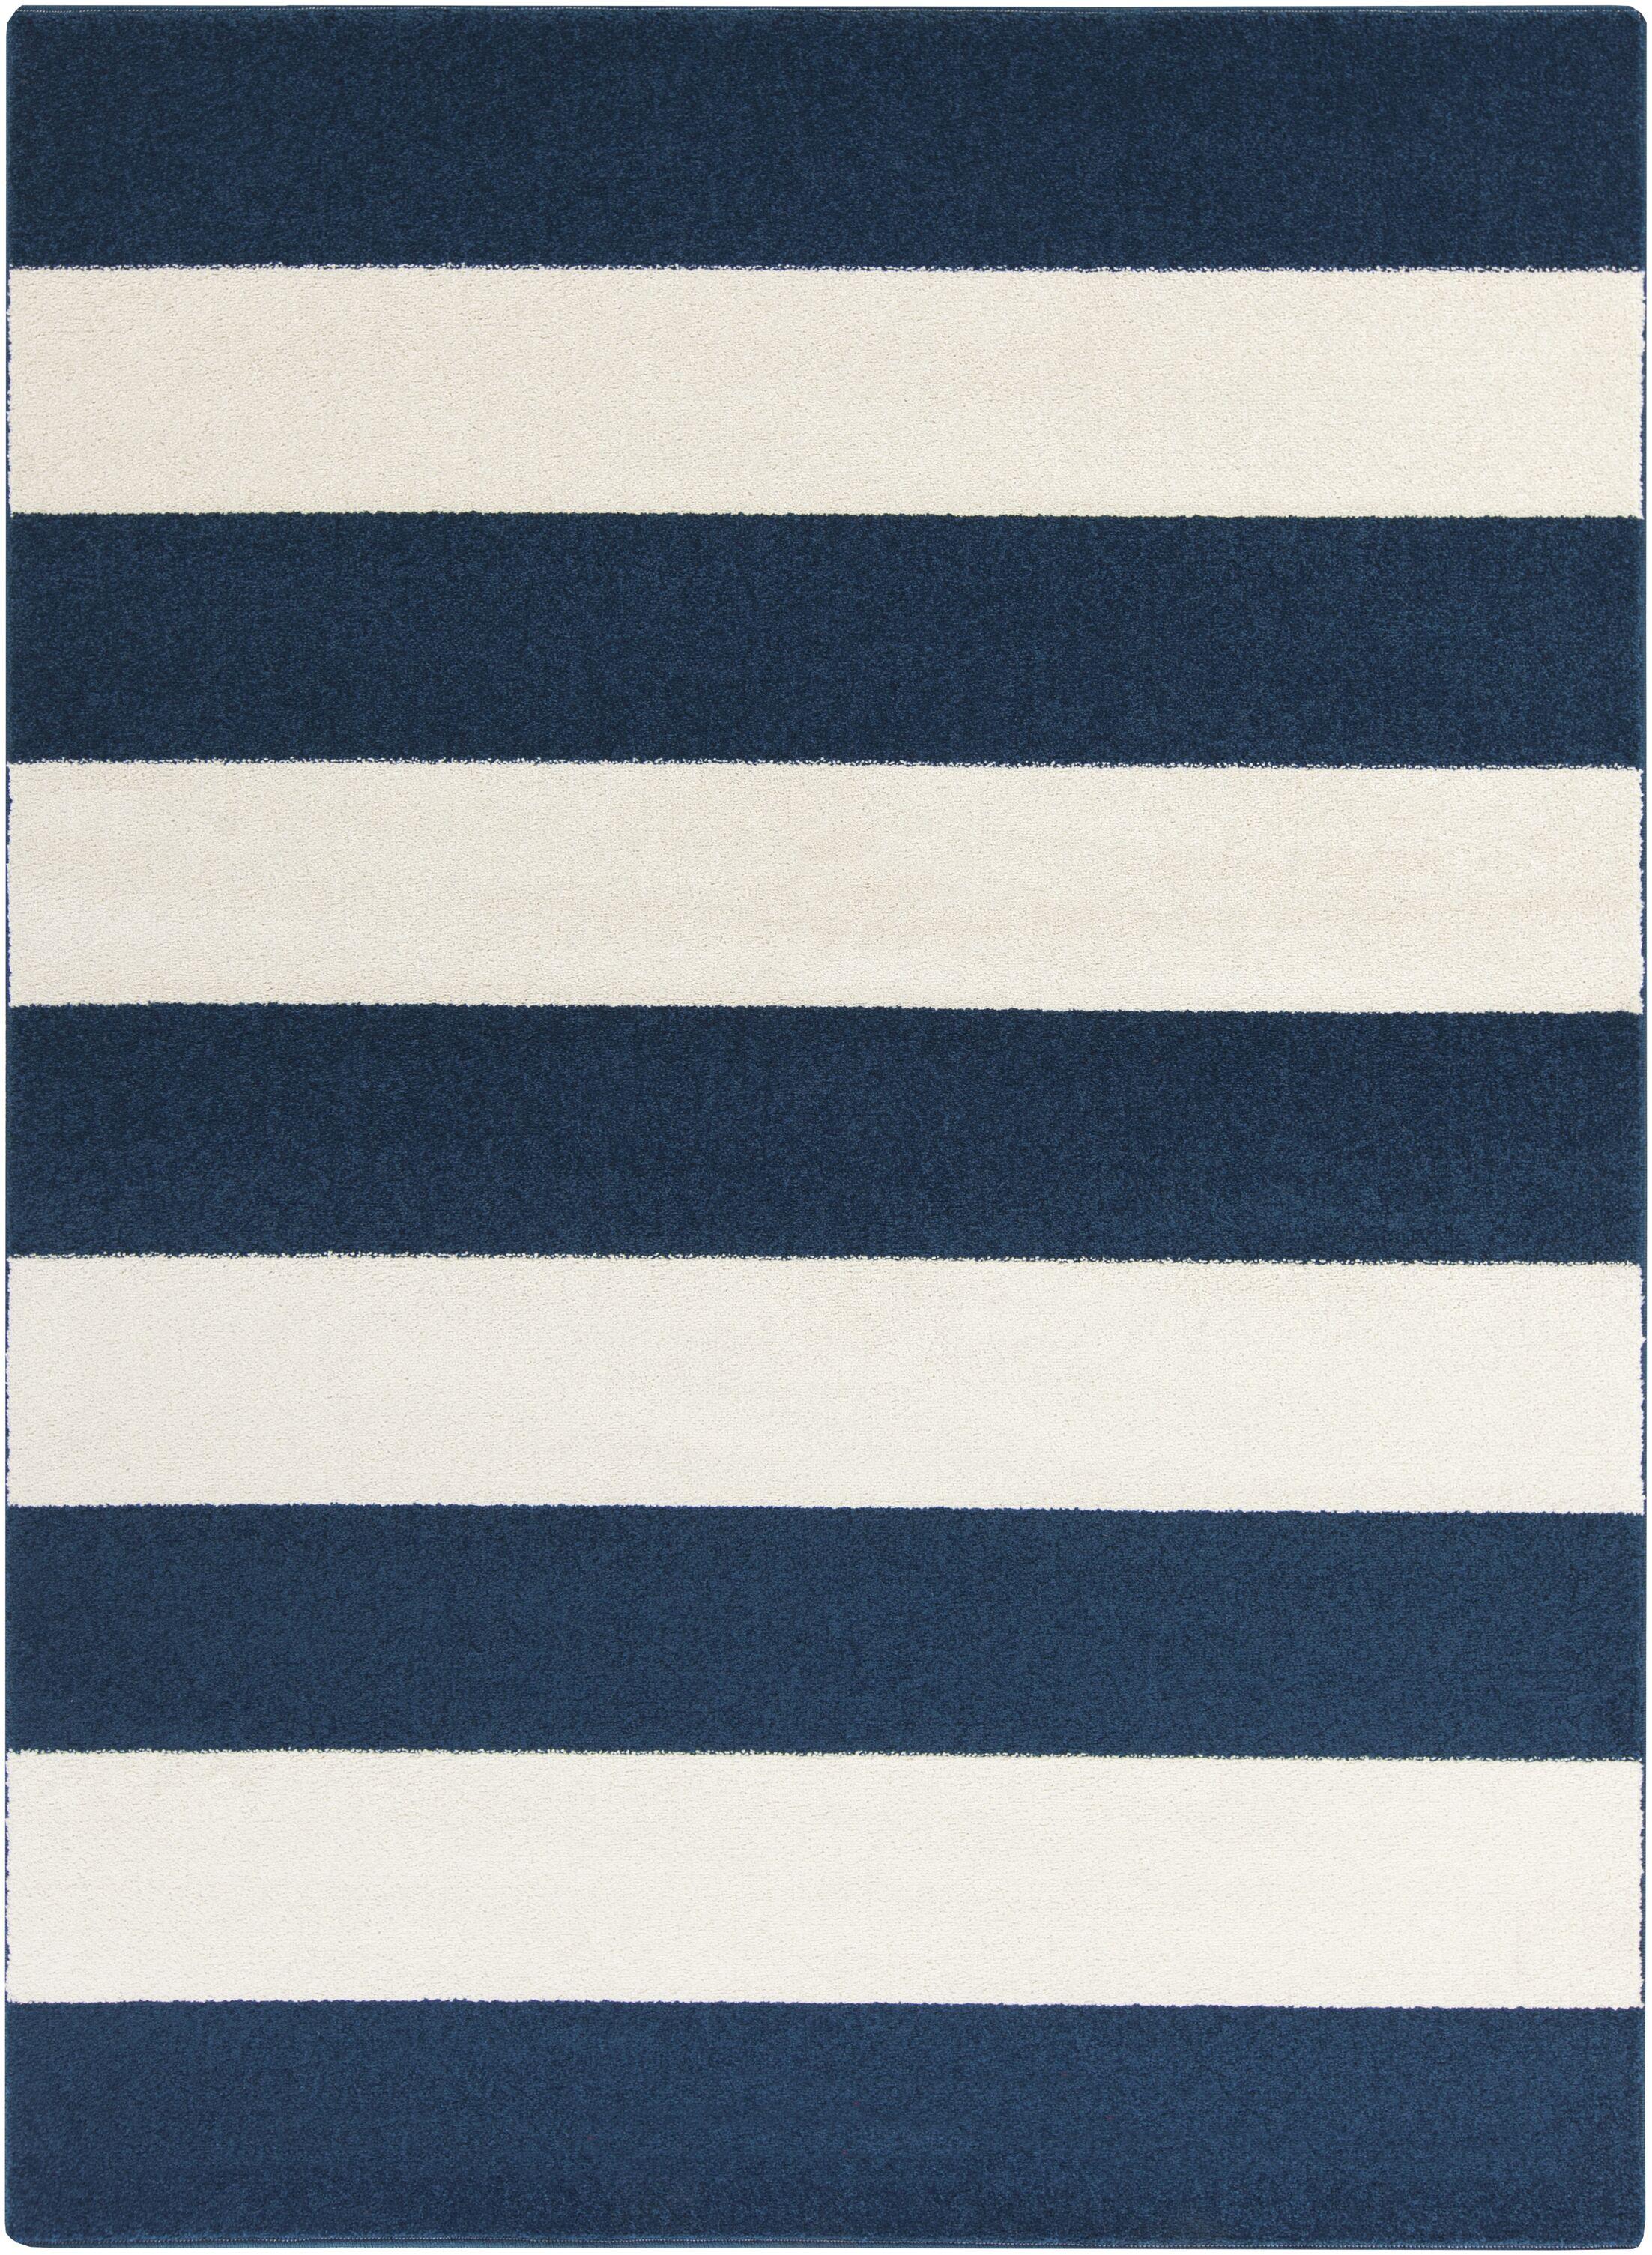 Greer Cobalt & Ivory Striped Area Rug Rug Size: Rectangle 5'3